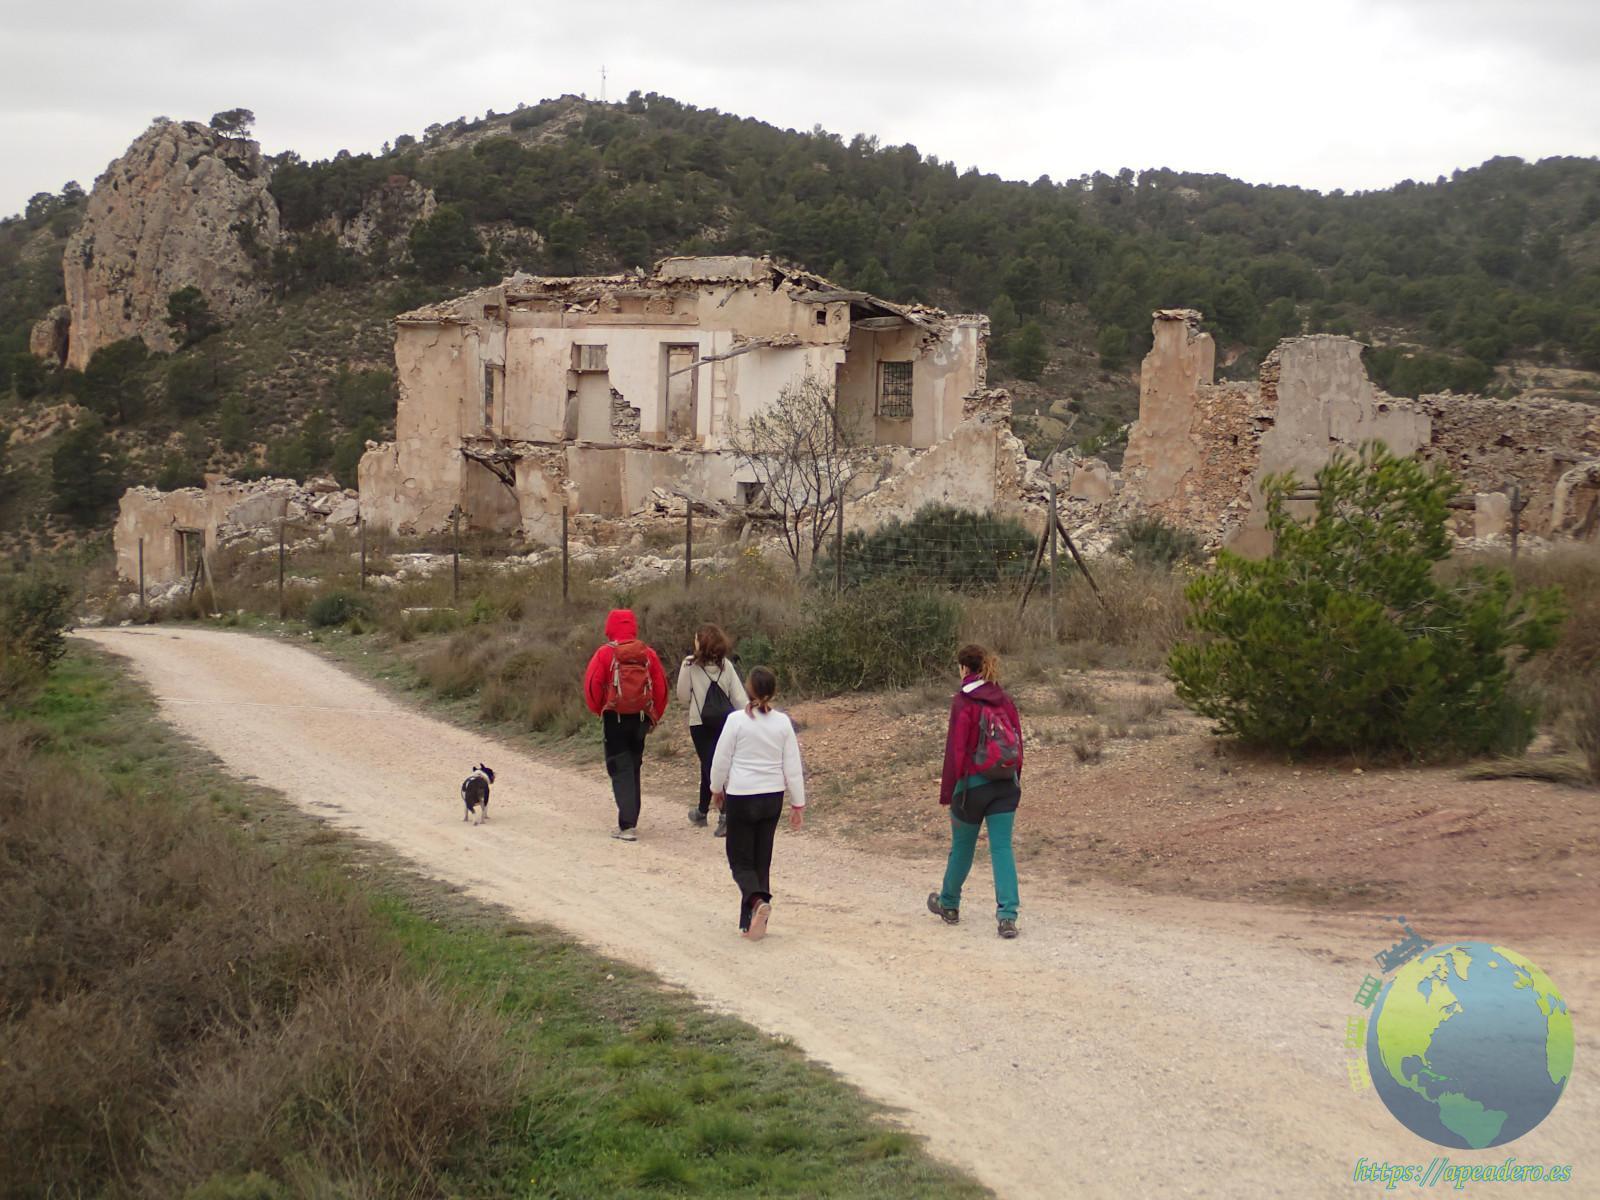 Caminata de viaje por Alicante.